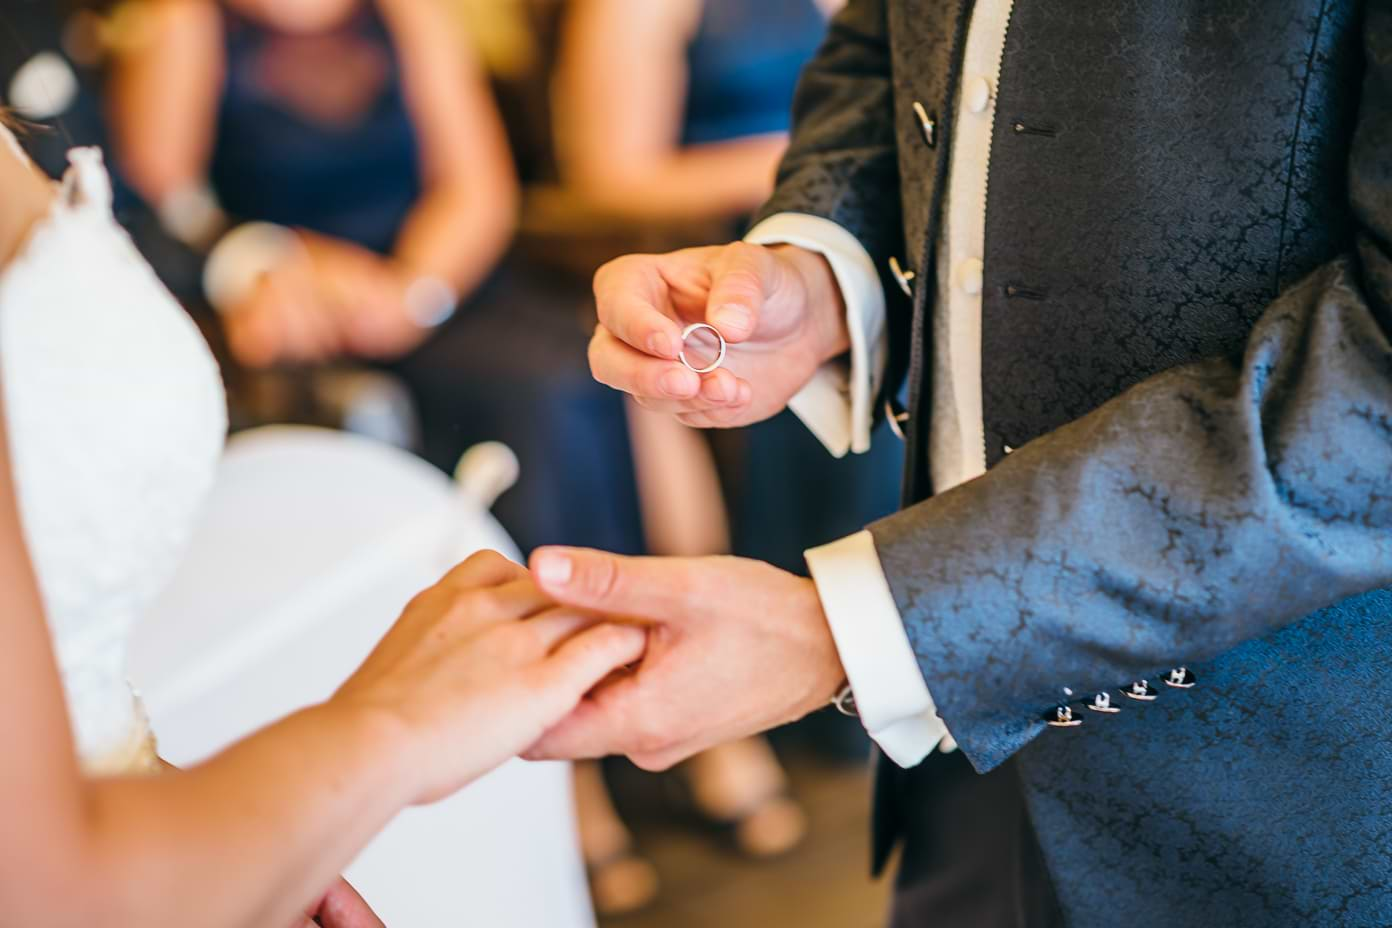 der Bräutigam steckt der Braut den Trauring an die Hand